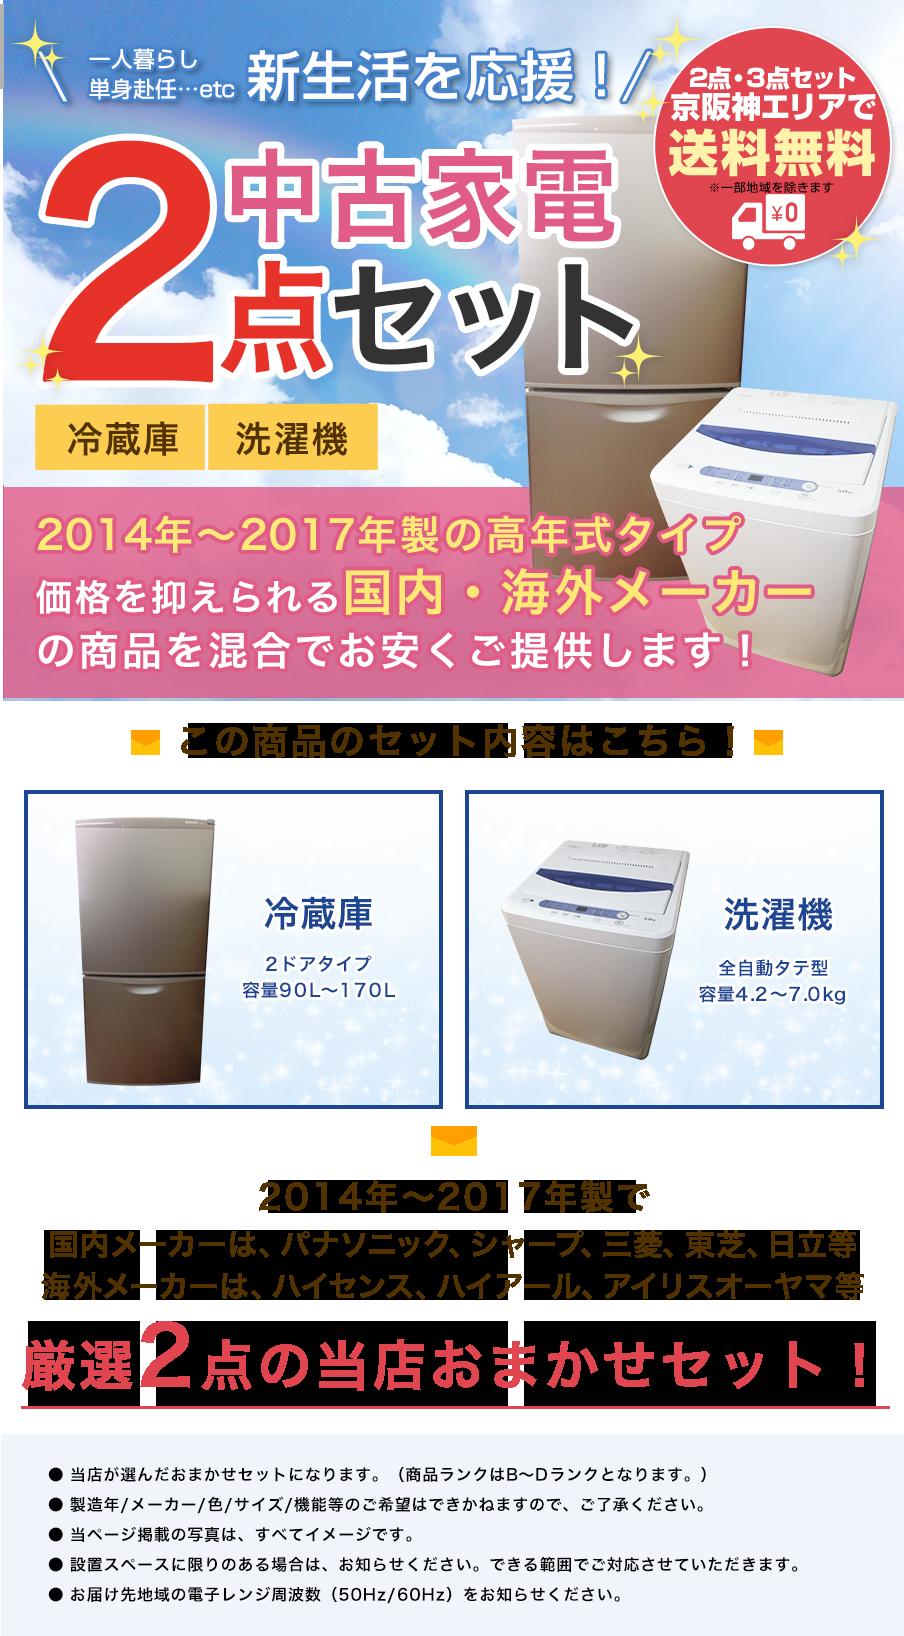 高年式家電2点セット(国産・海外メーカー混合)MV